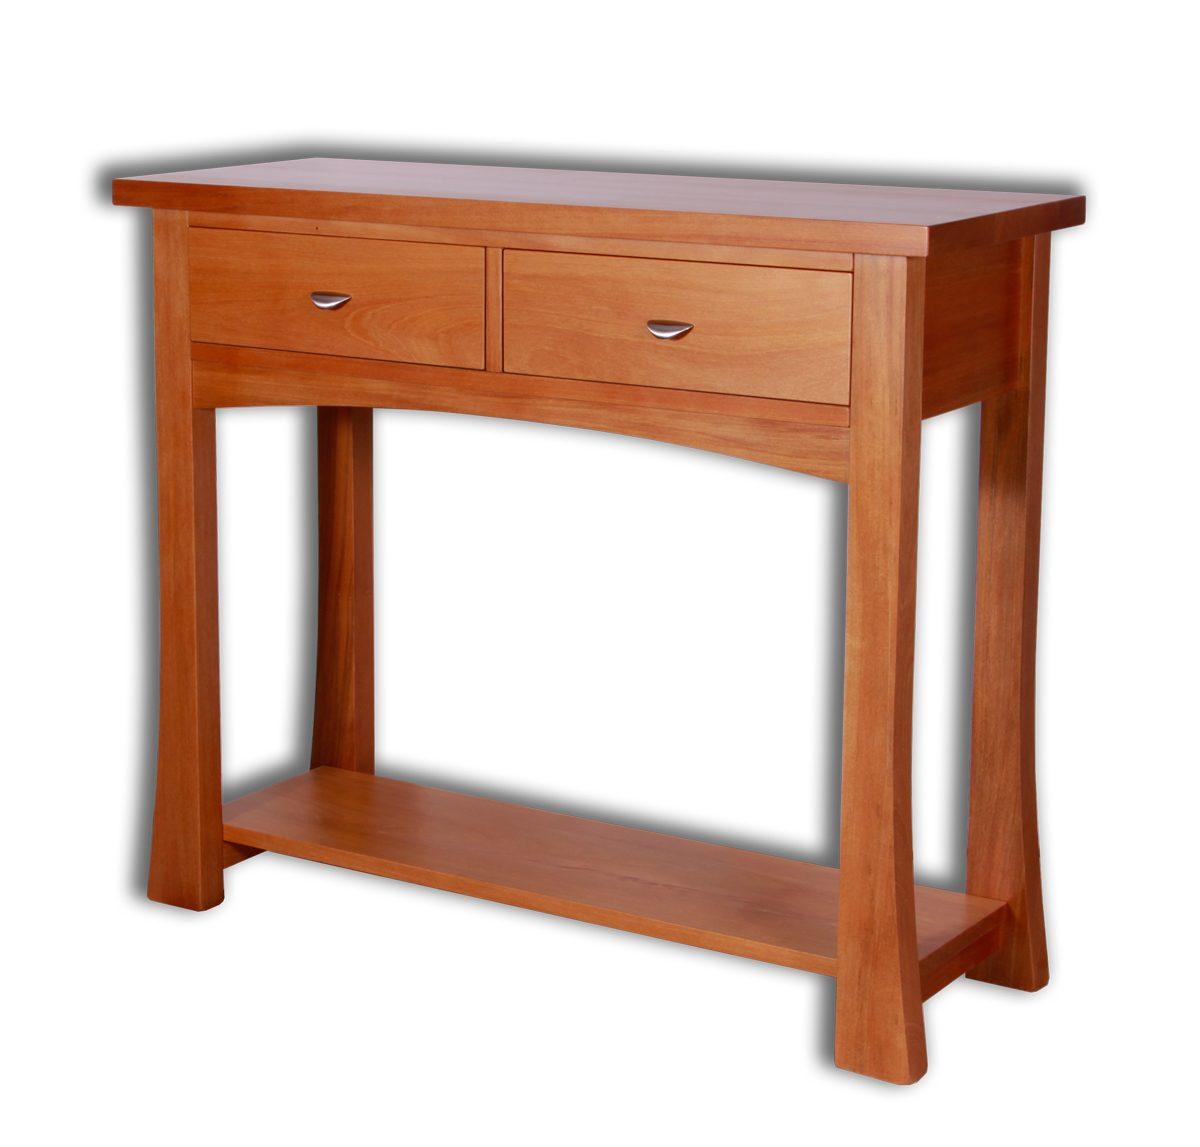 Kea 1000mm Hall Table